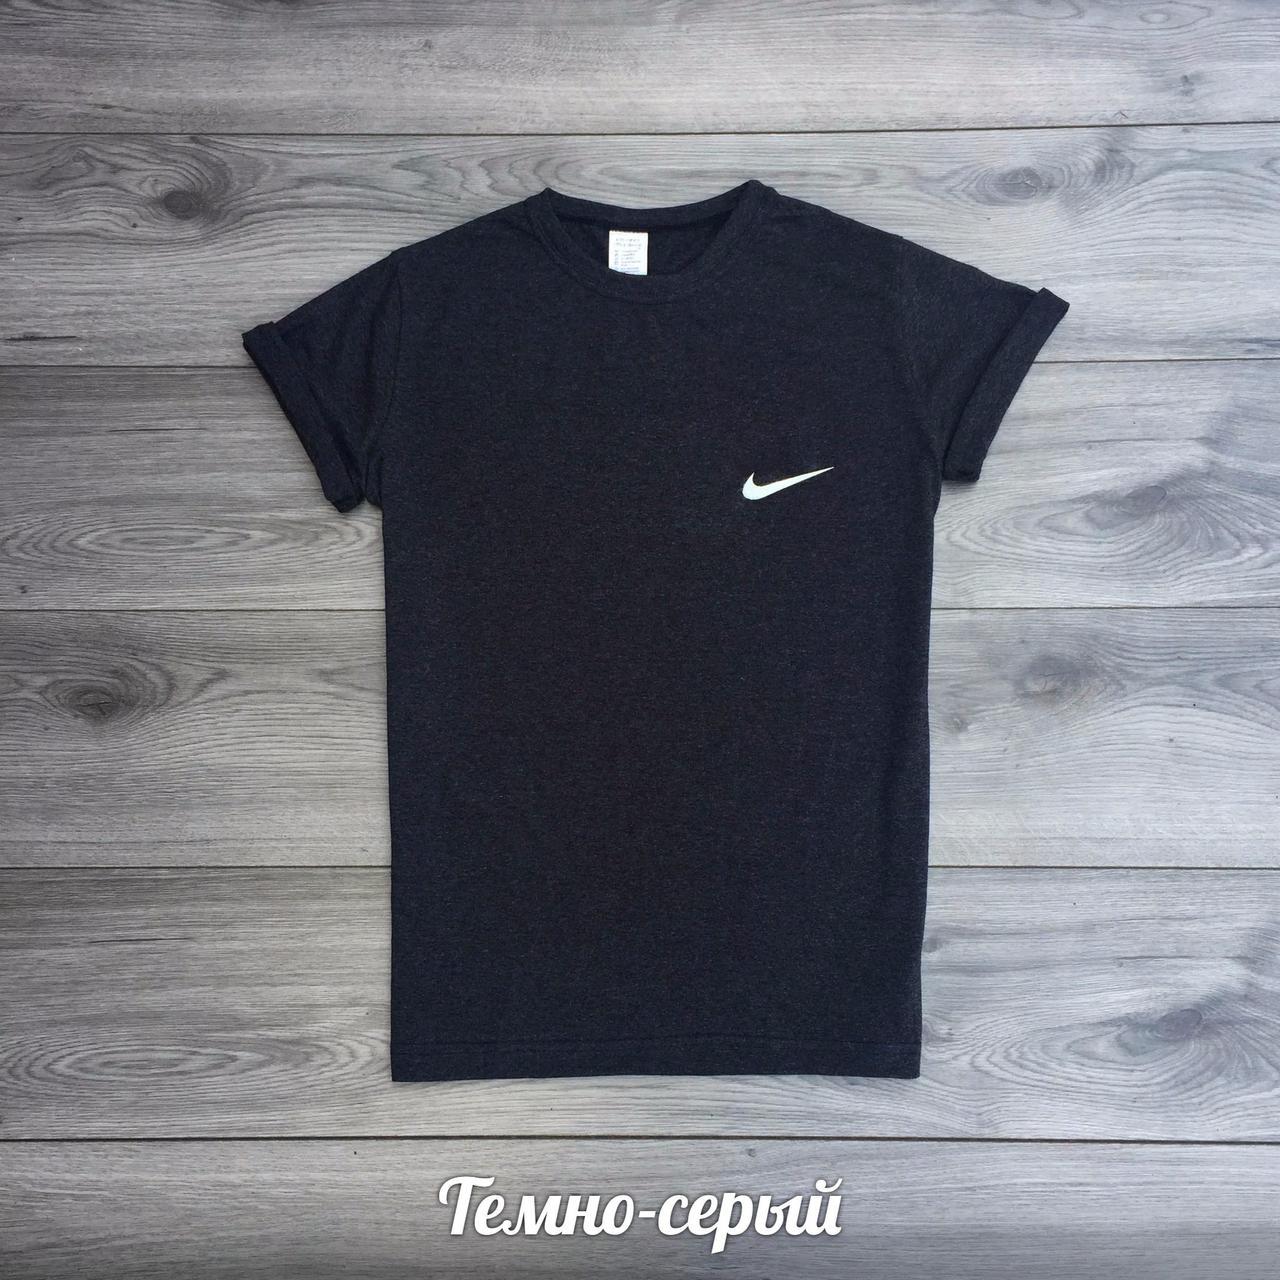 Футболка мужская - в стиле Nike темно-серый